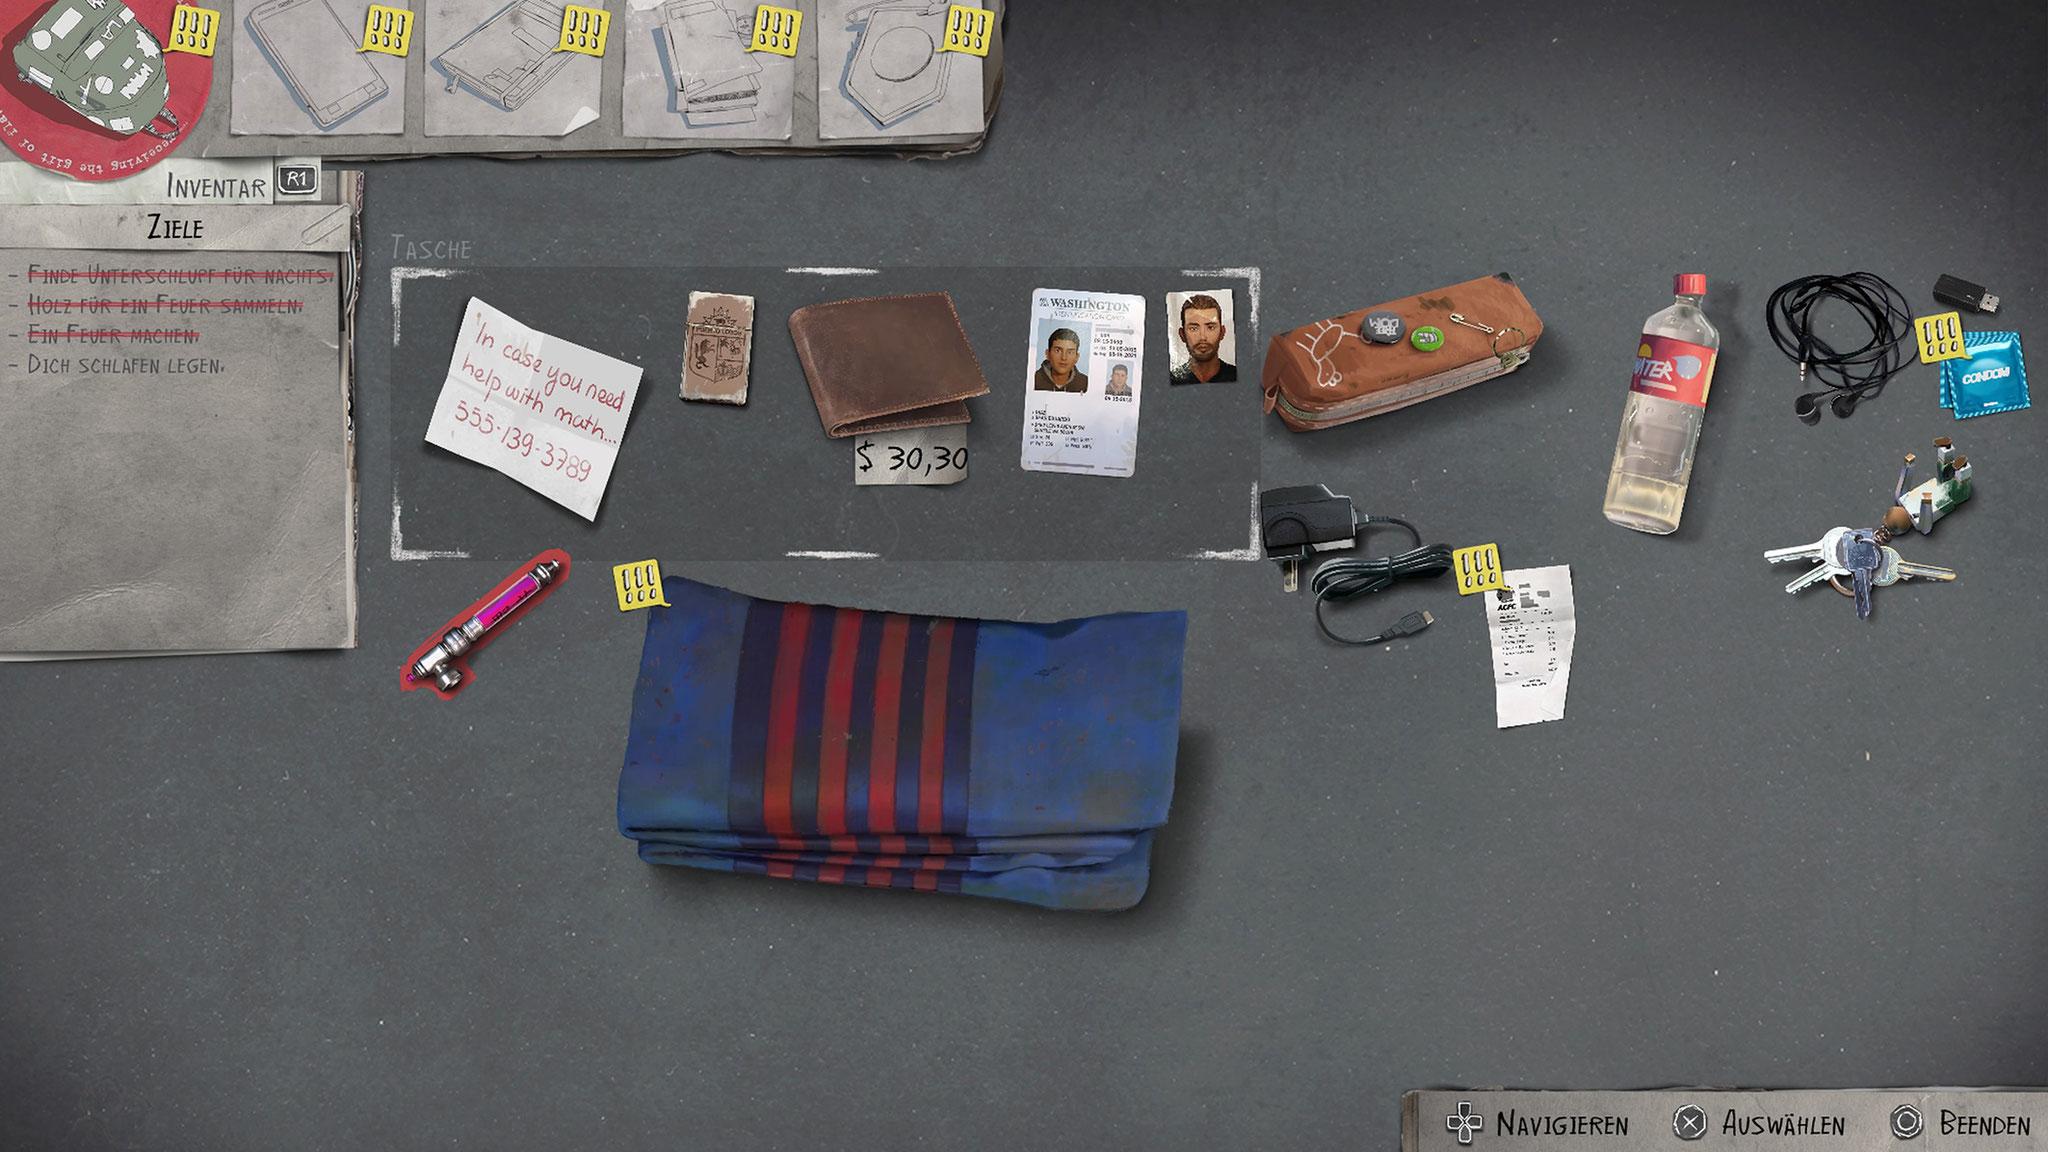 Ein Blick ins Rucksack-Inventar offenbart die unzulängliche Überlebens-Ausrüstung und klägliche Barschaft der Brüder.